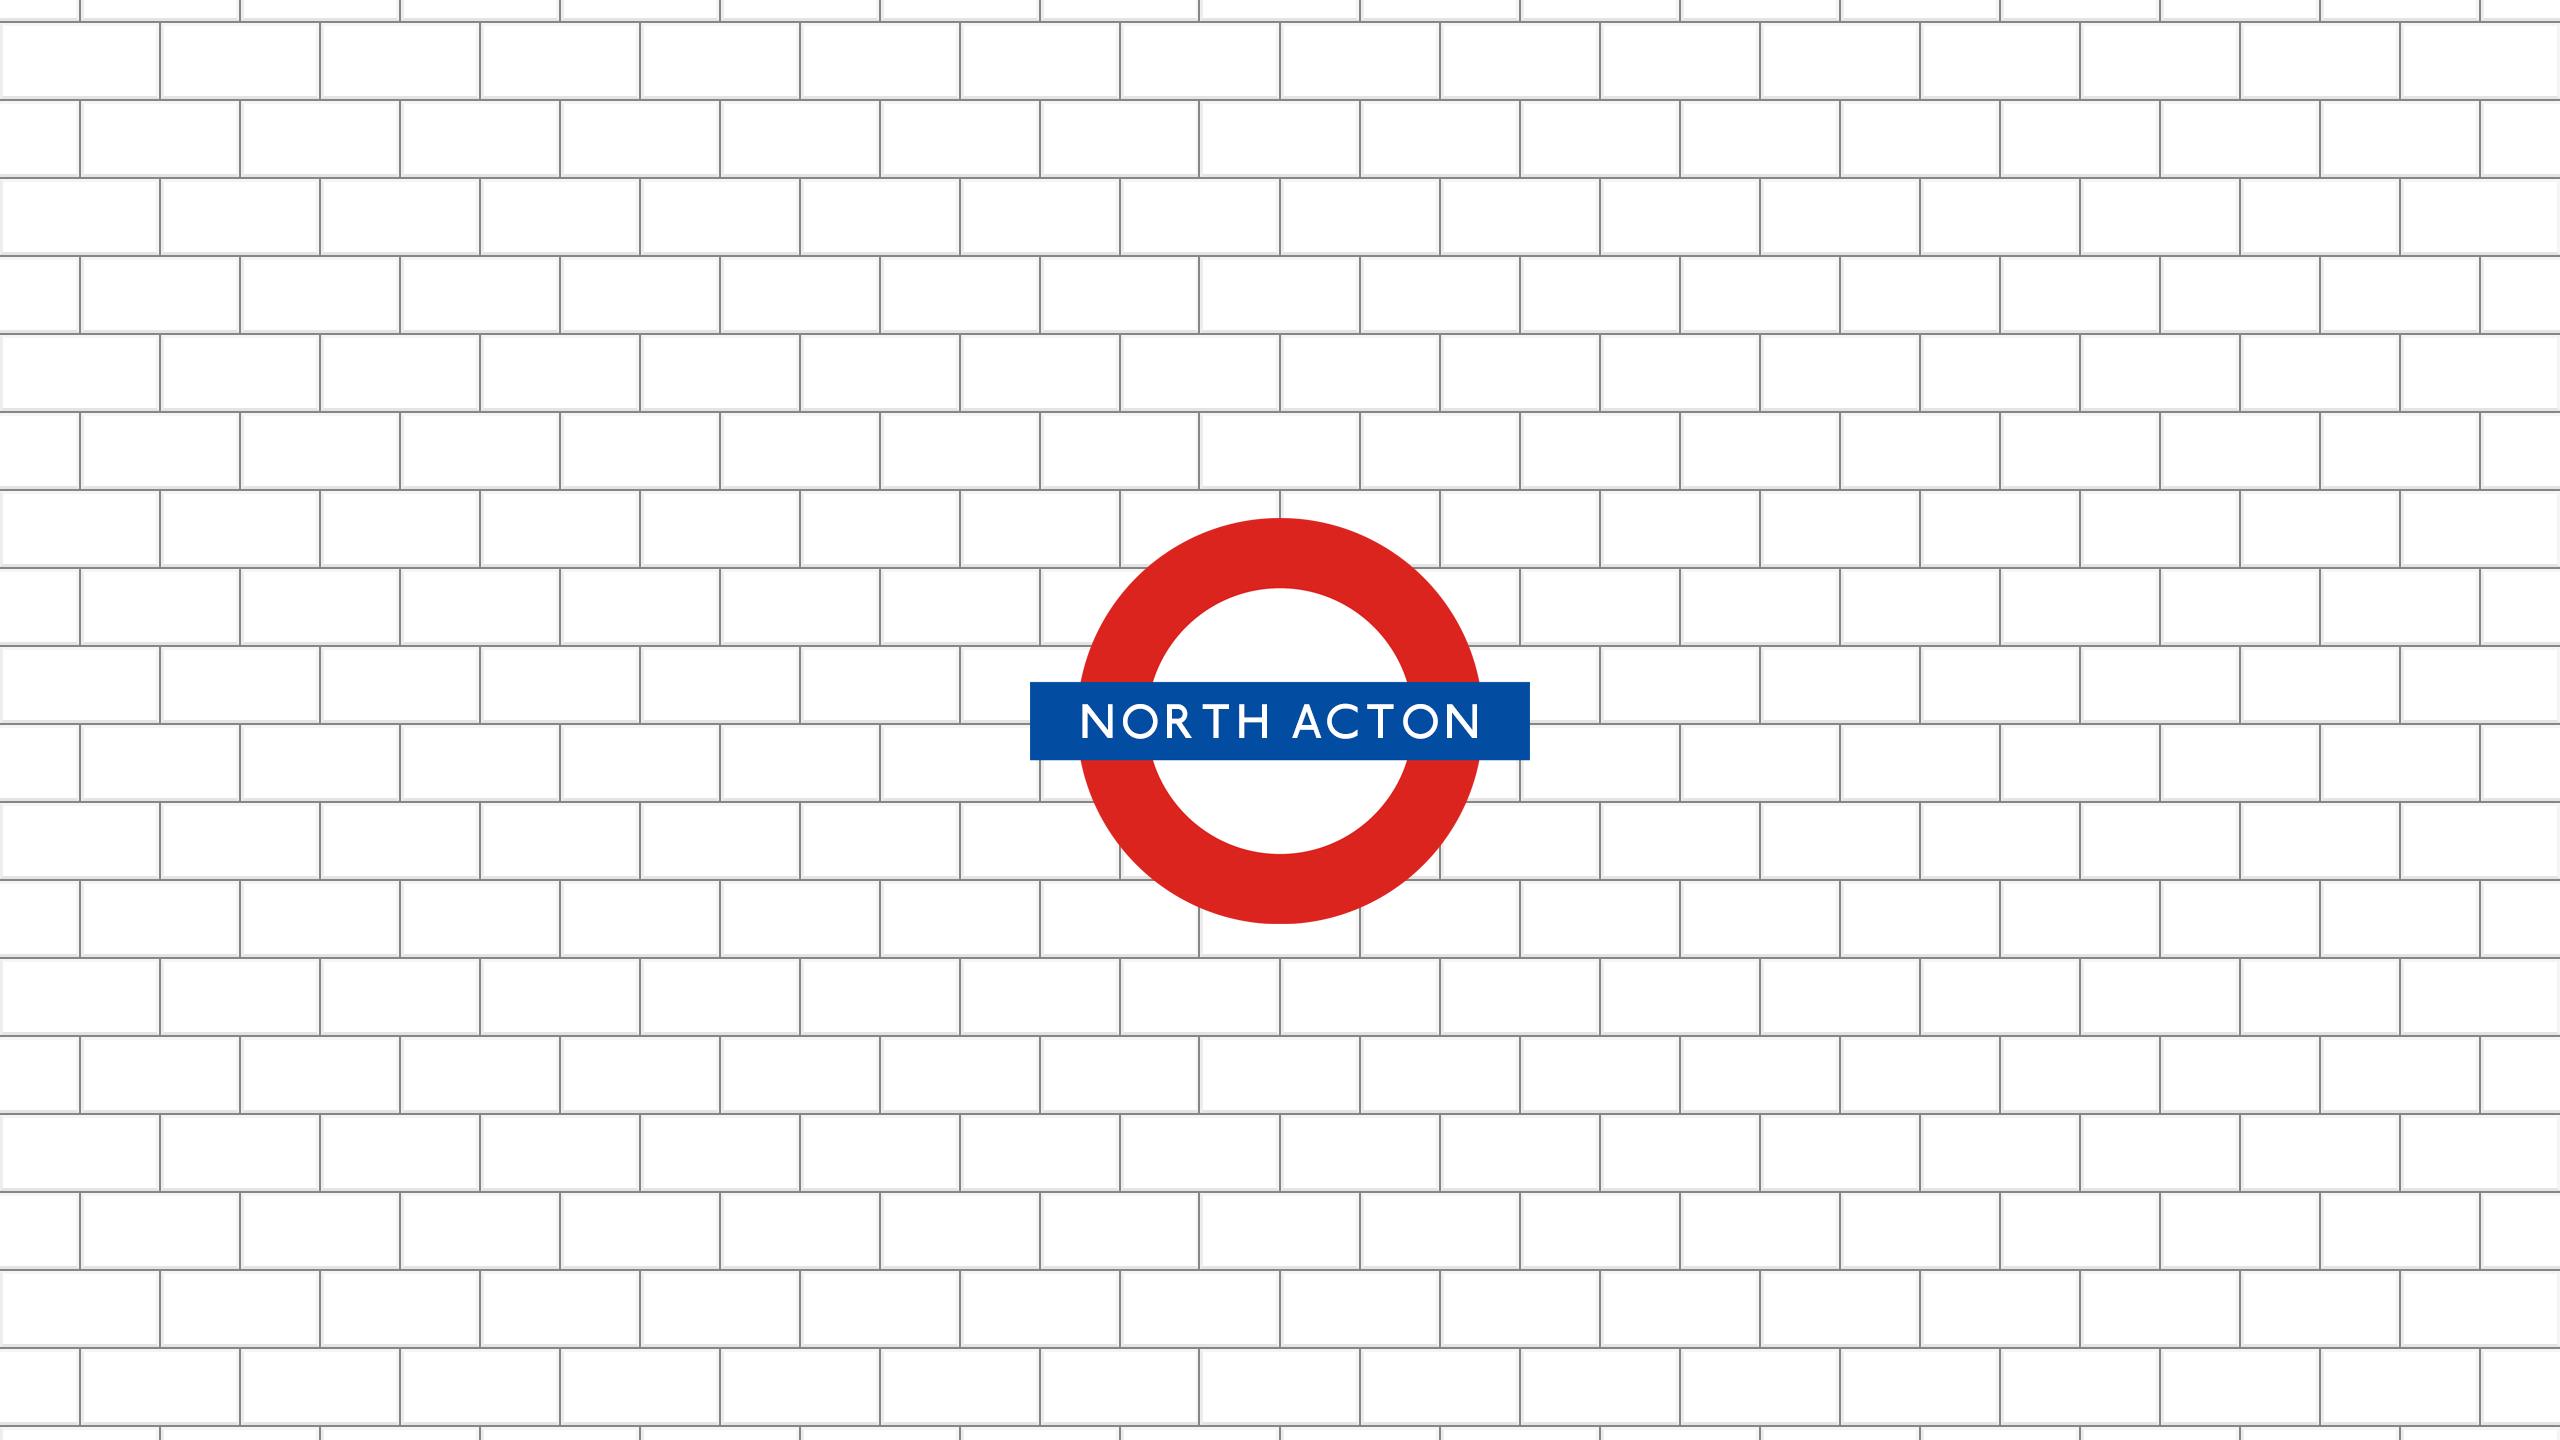 North Acton